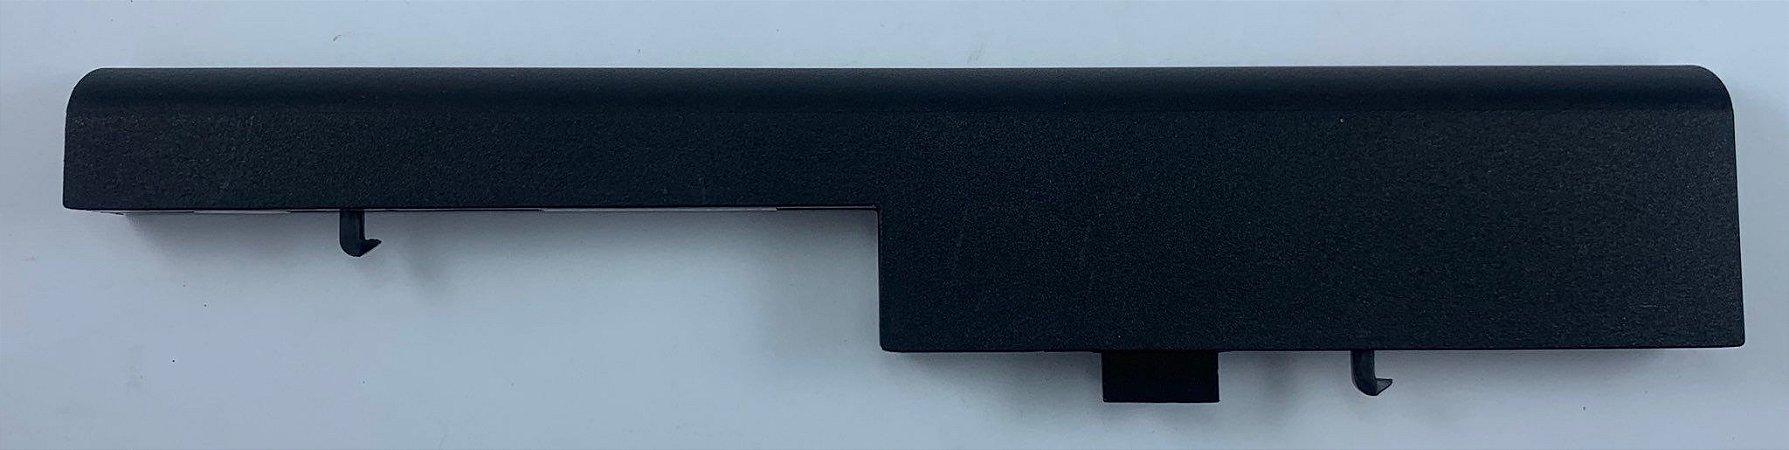 Bateria 2200mah A14-56-352 P4400-0 Para Unique N4200